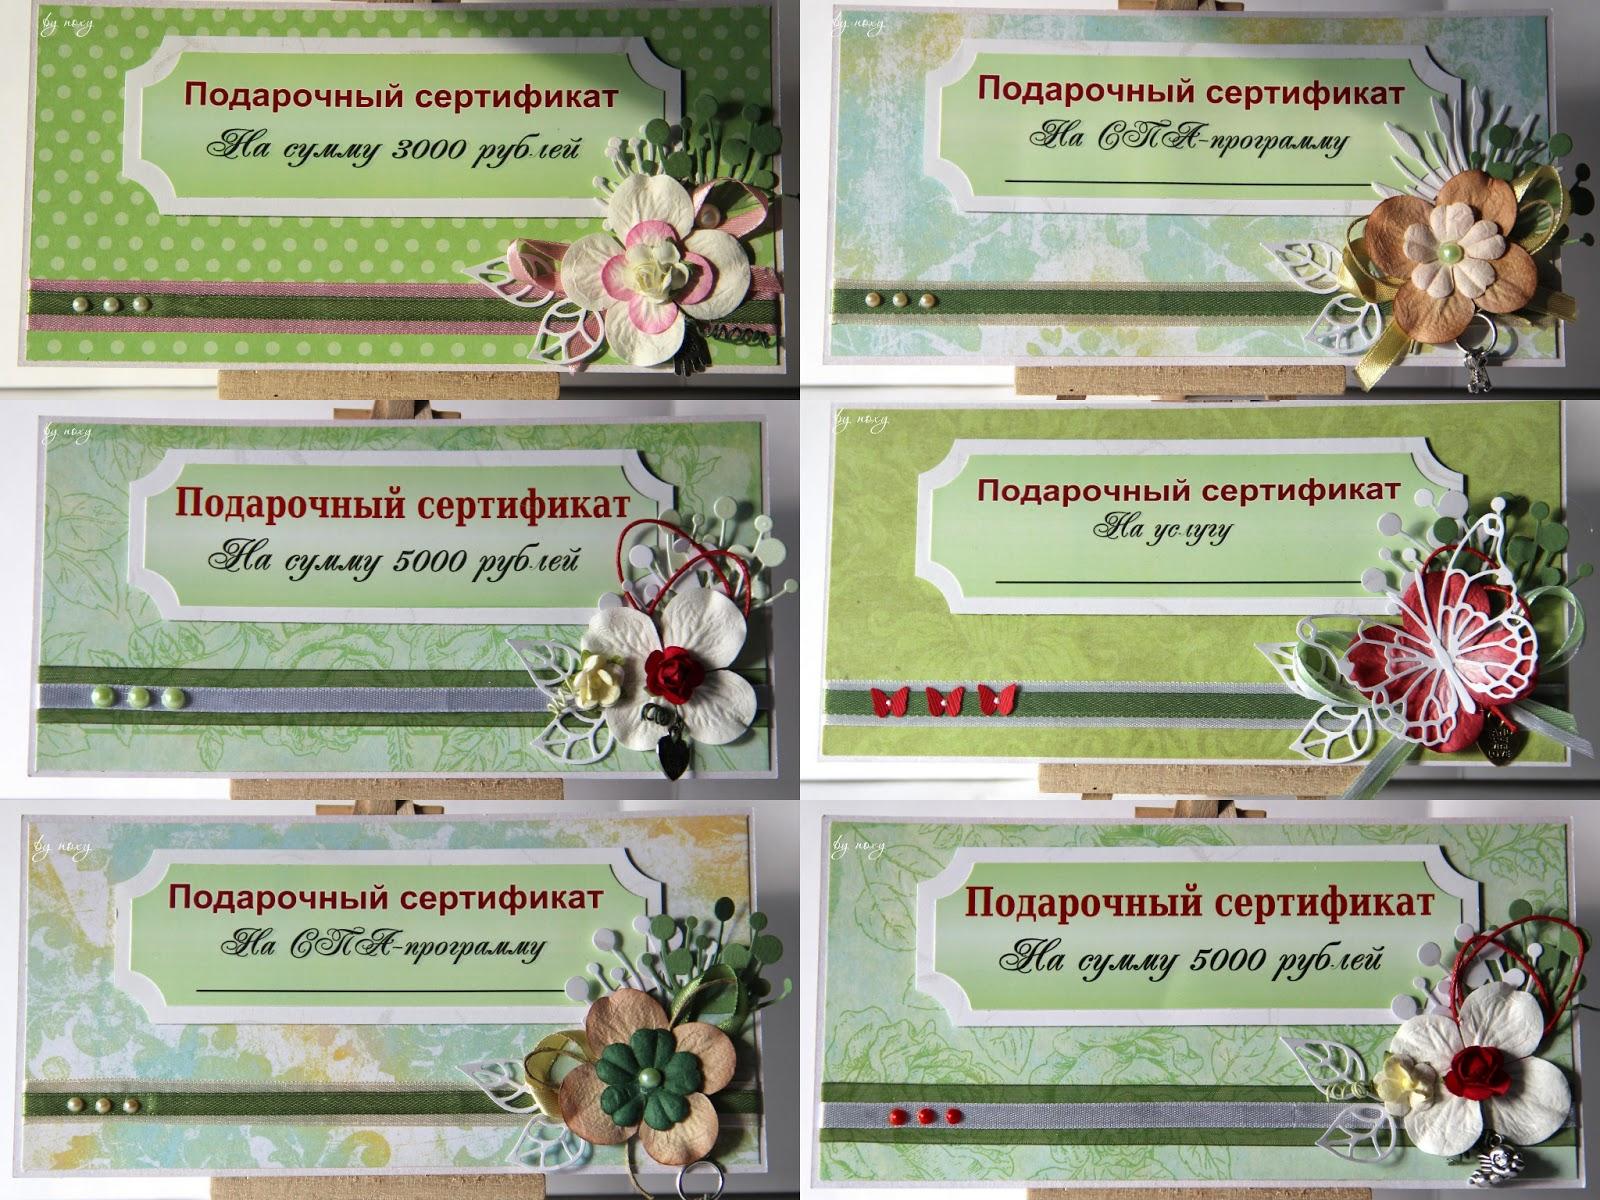 подарочные сертификаты салона красоты шаблон